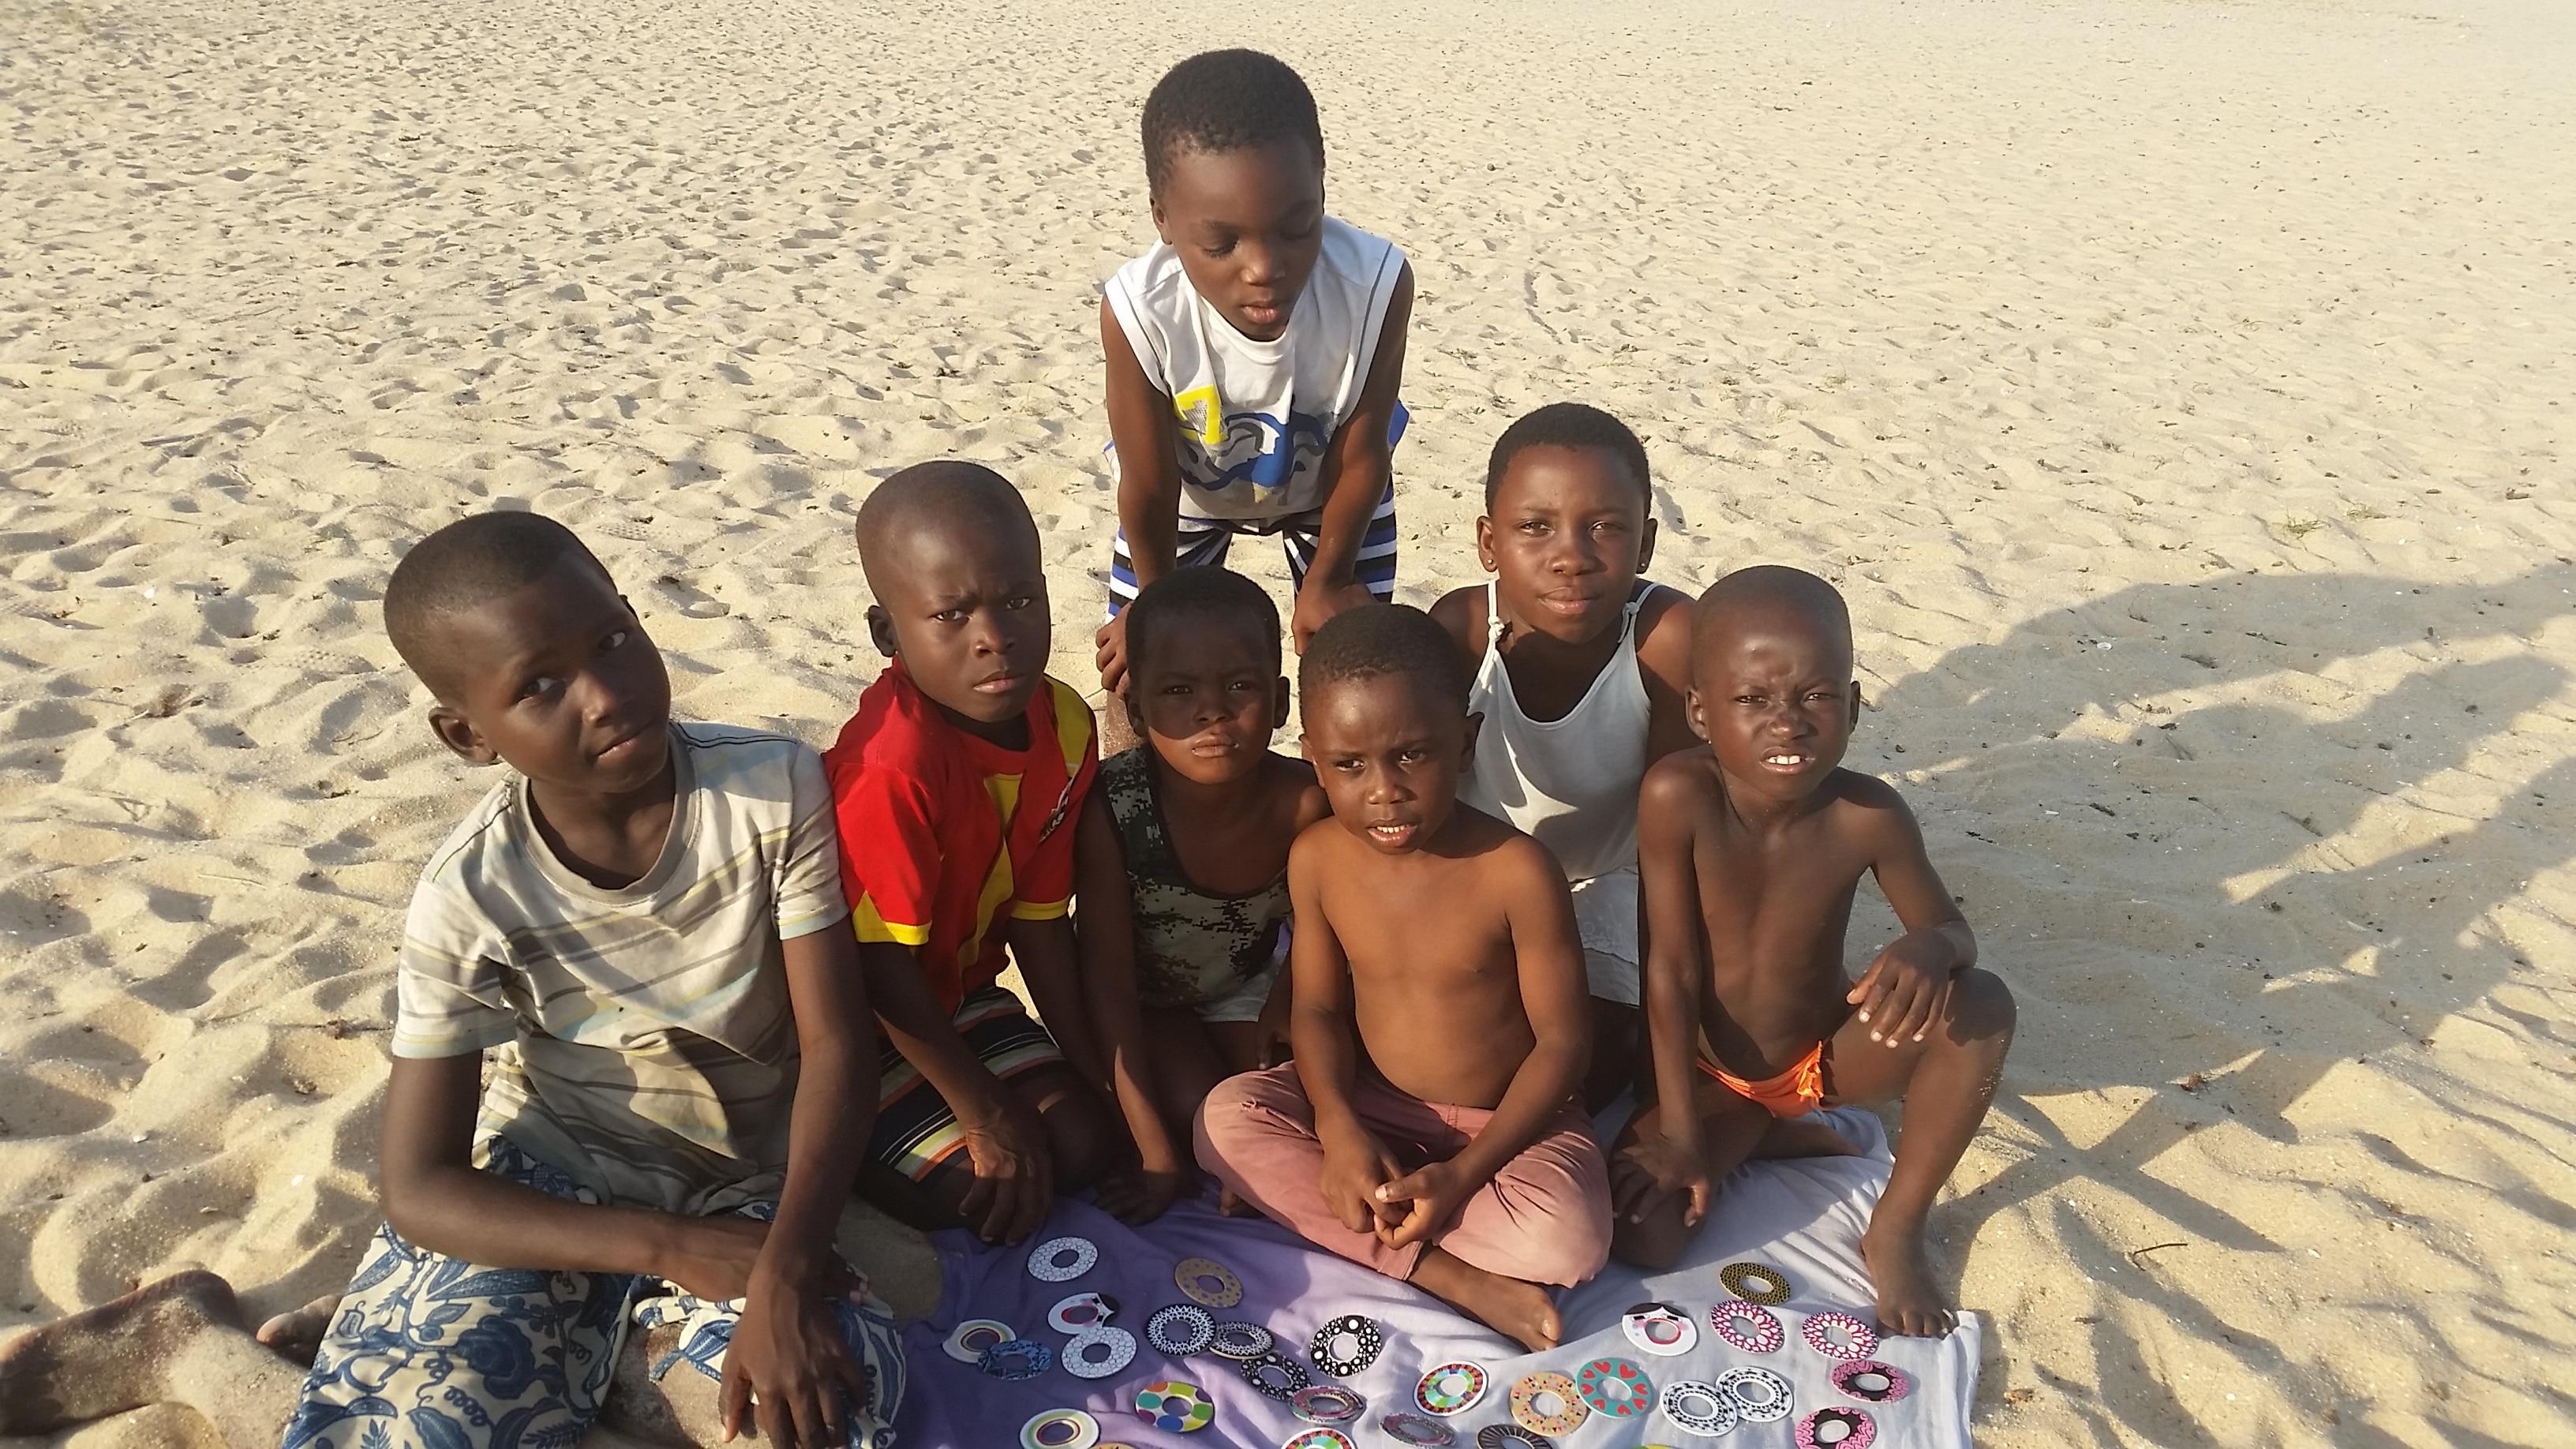 Bambini di Aflasco, Ghana, alle prese con un memory game, foto di Antonella Sinopoli